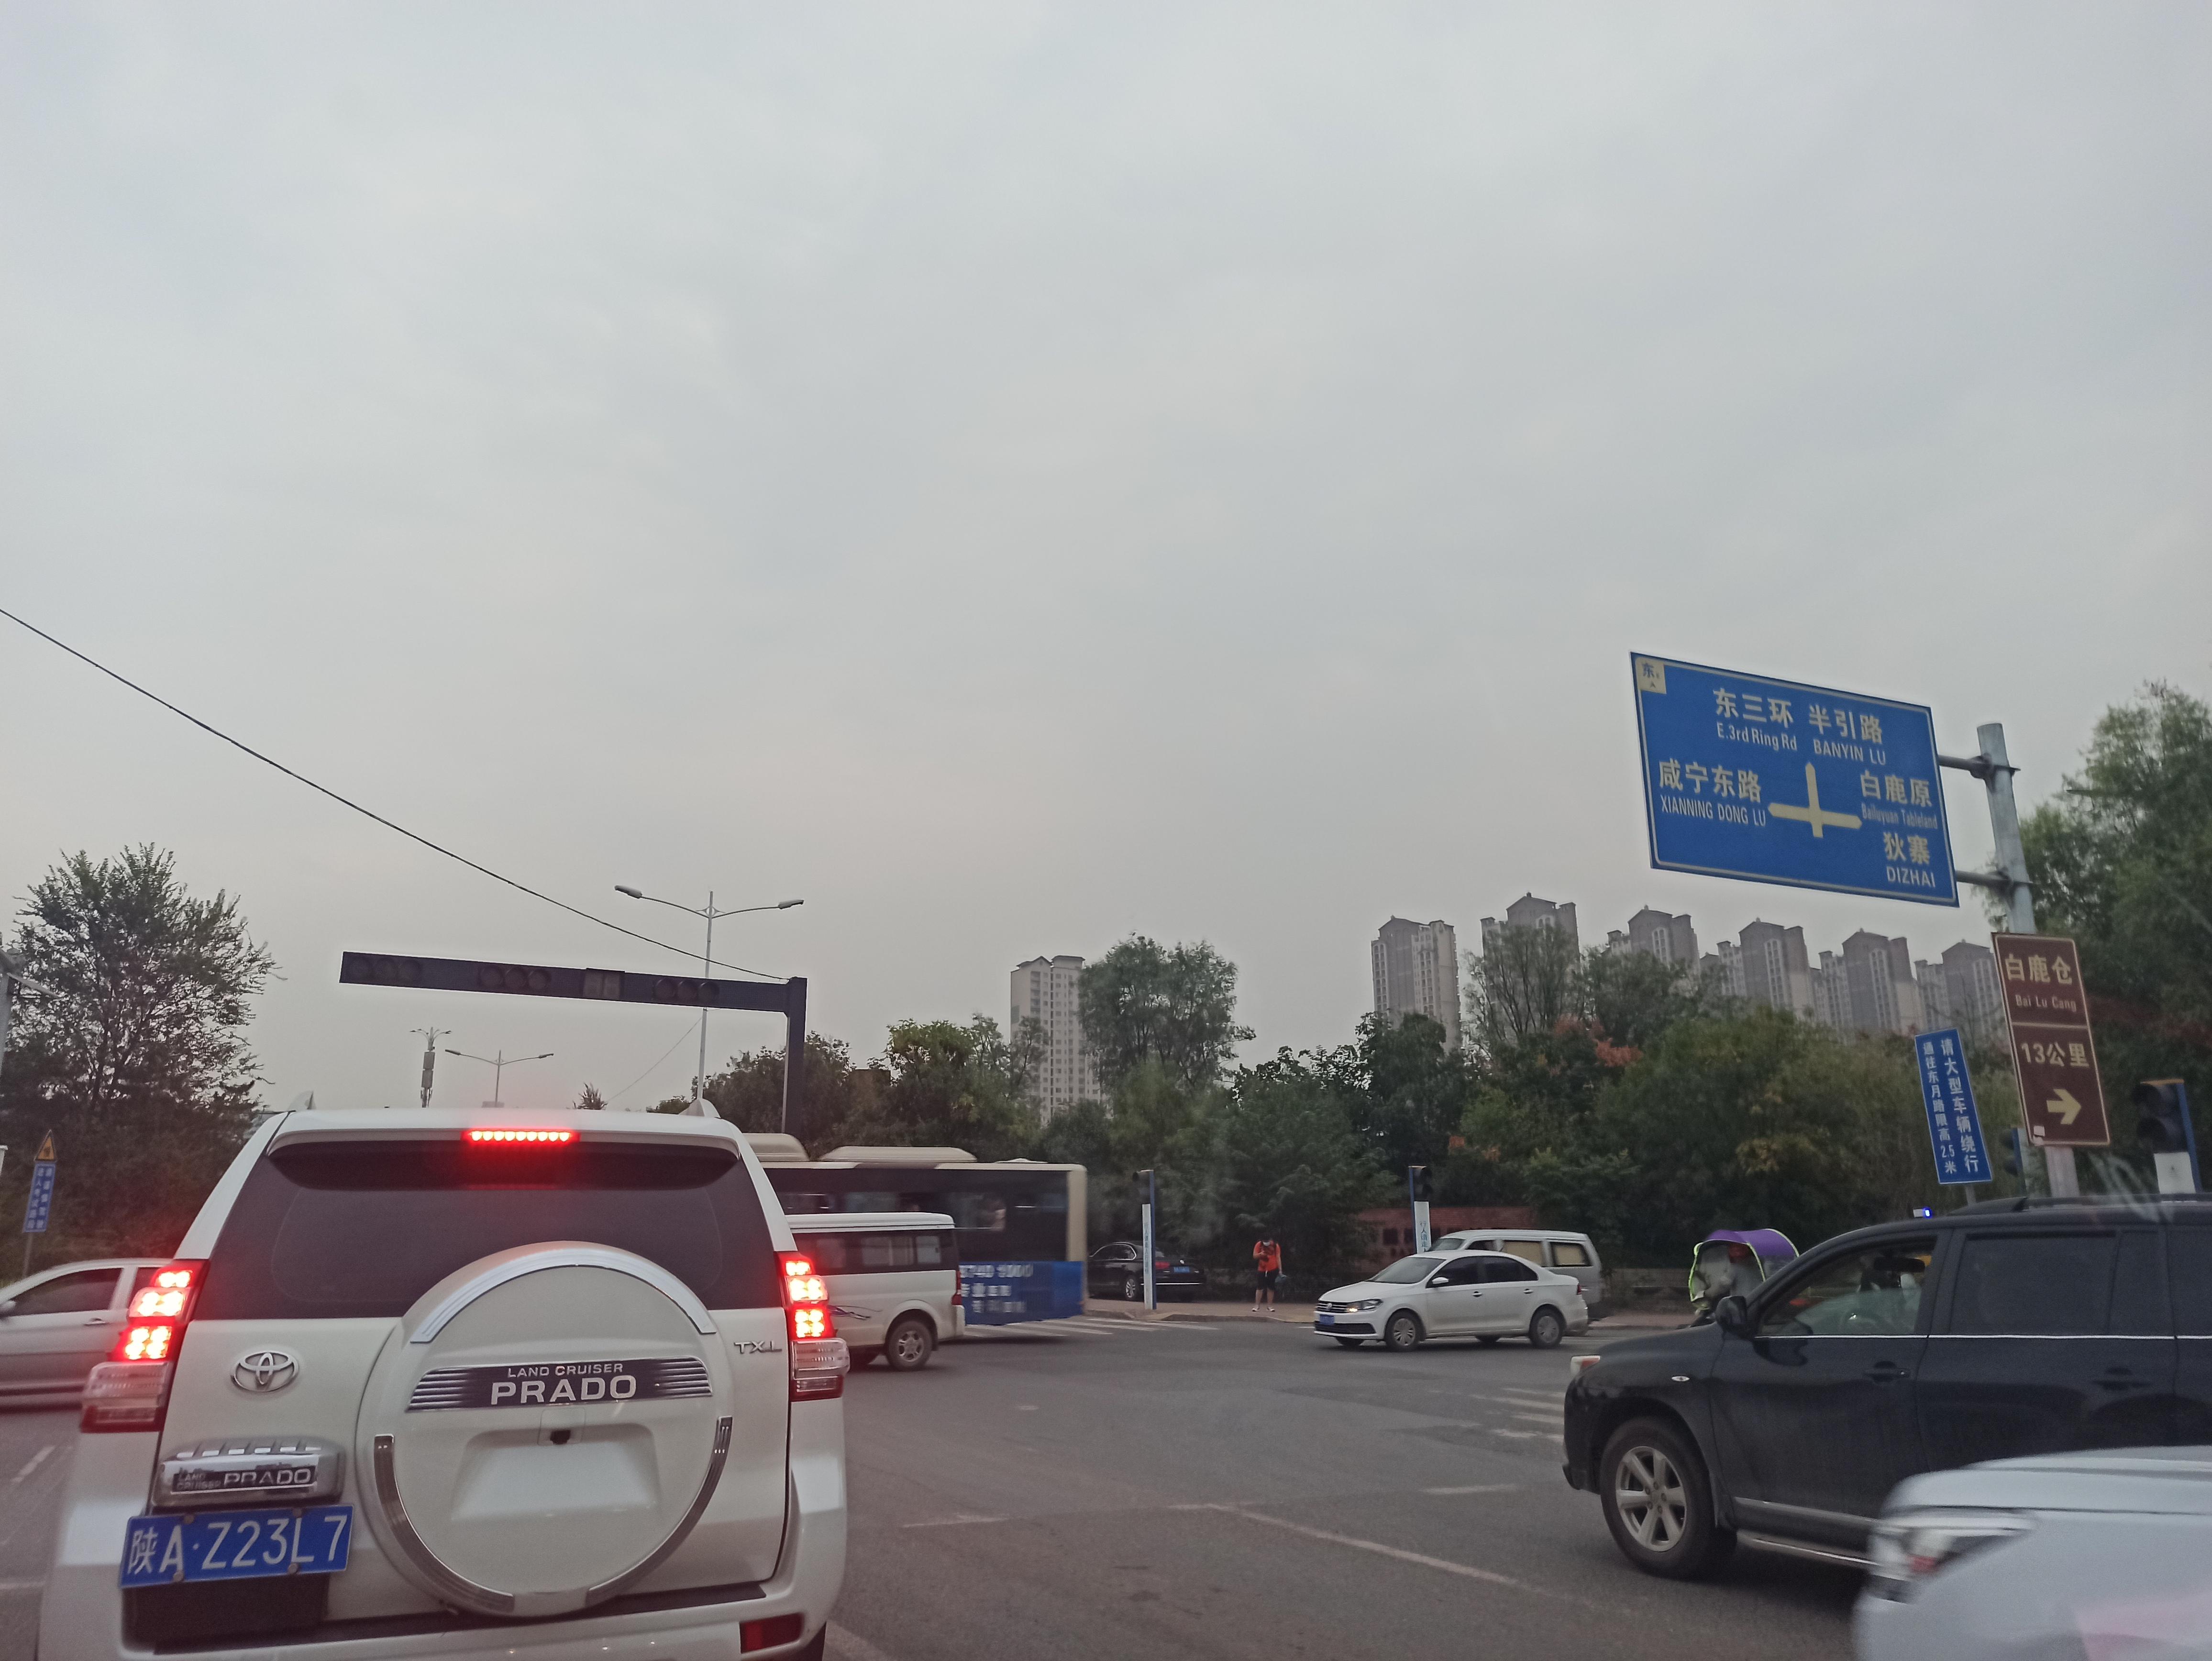 西安东郊灞桥到白鹿原的主干道:水安路与狄寨原路的爱恨情仇